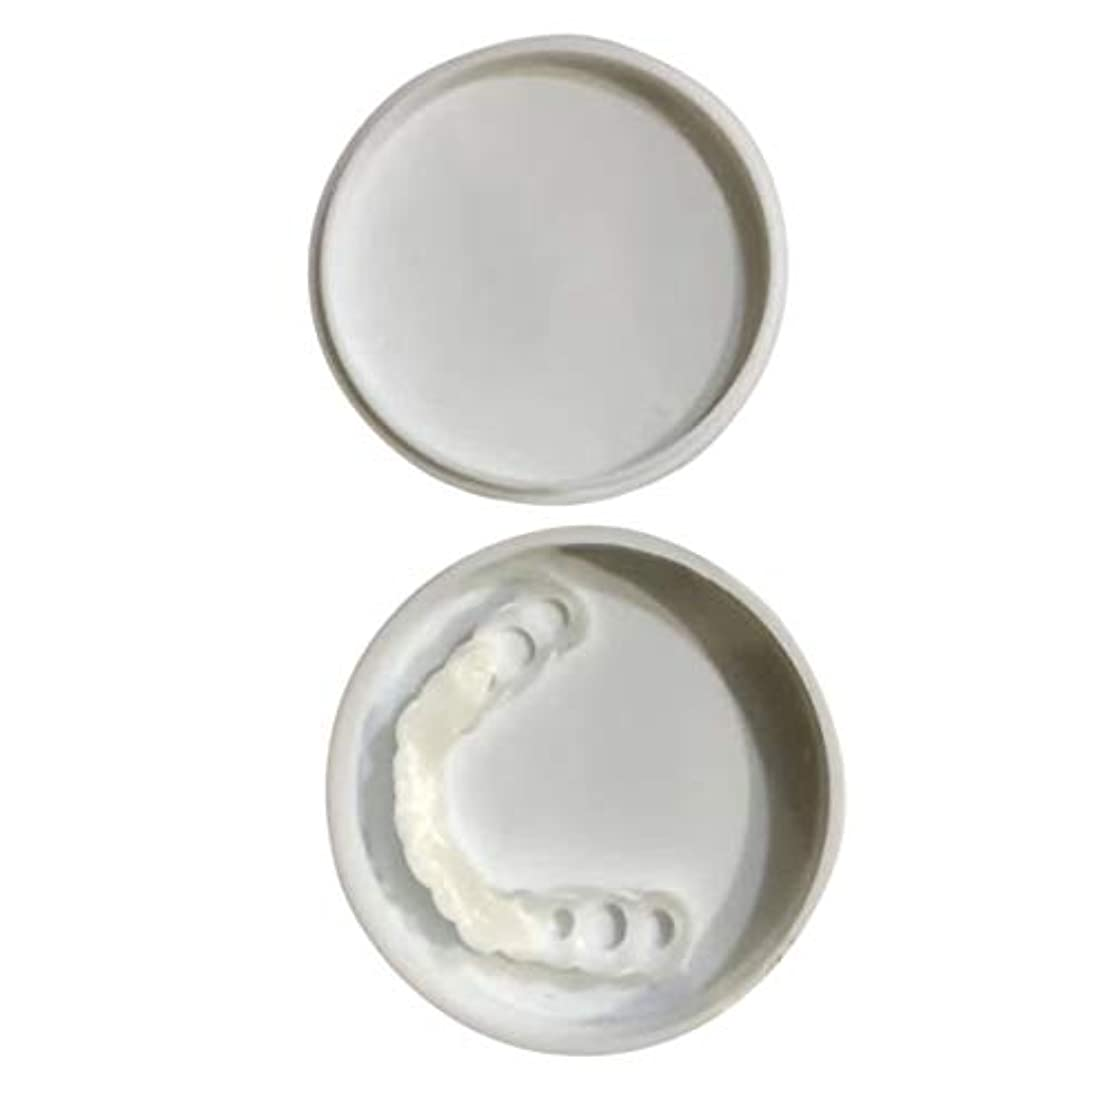 絶滅した文文快適なスナップオン男性女性歯インスタントパーフェクトスマイルコンフォートフィットフレックス歯フィットホワイトニング笑顔偽歯カバー - ホワイト